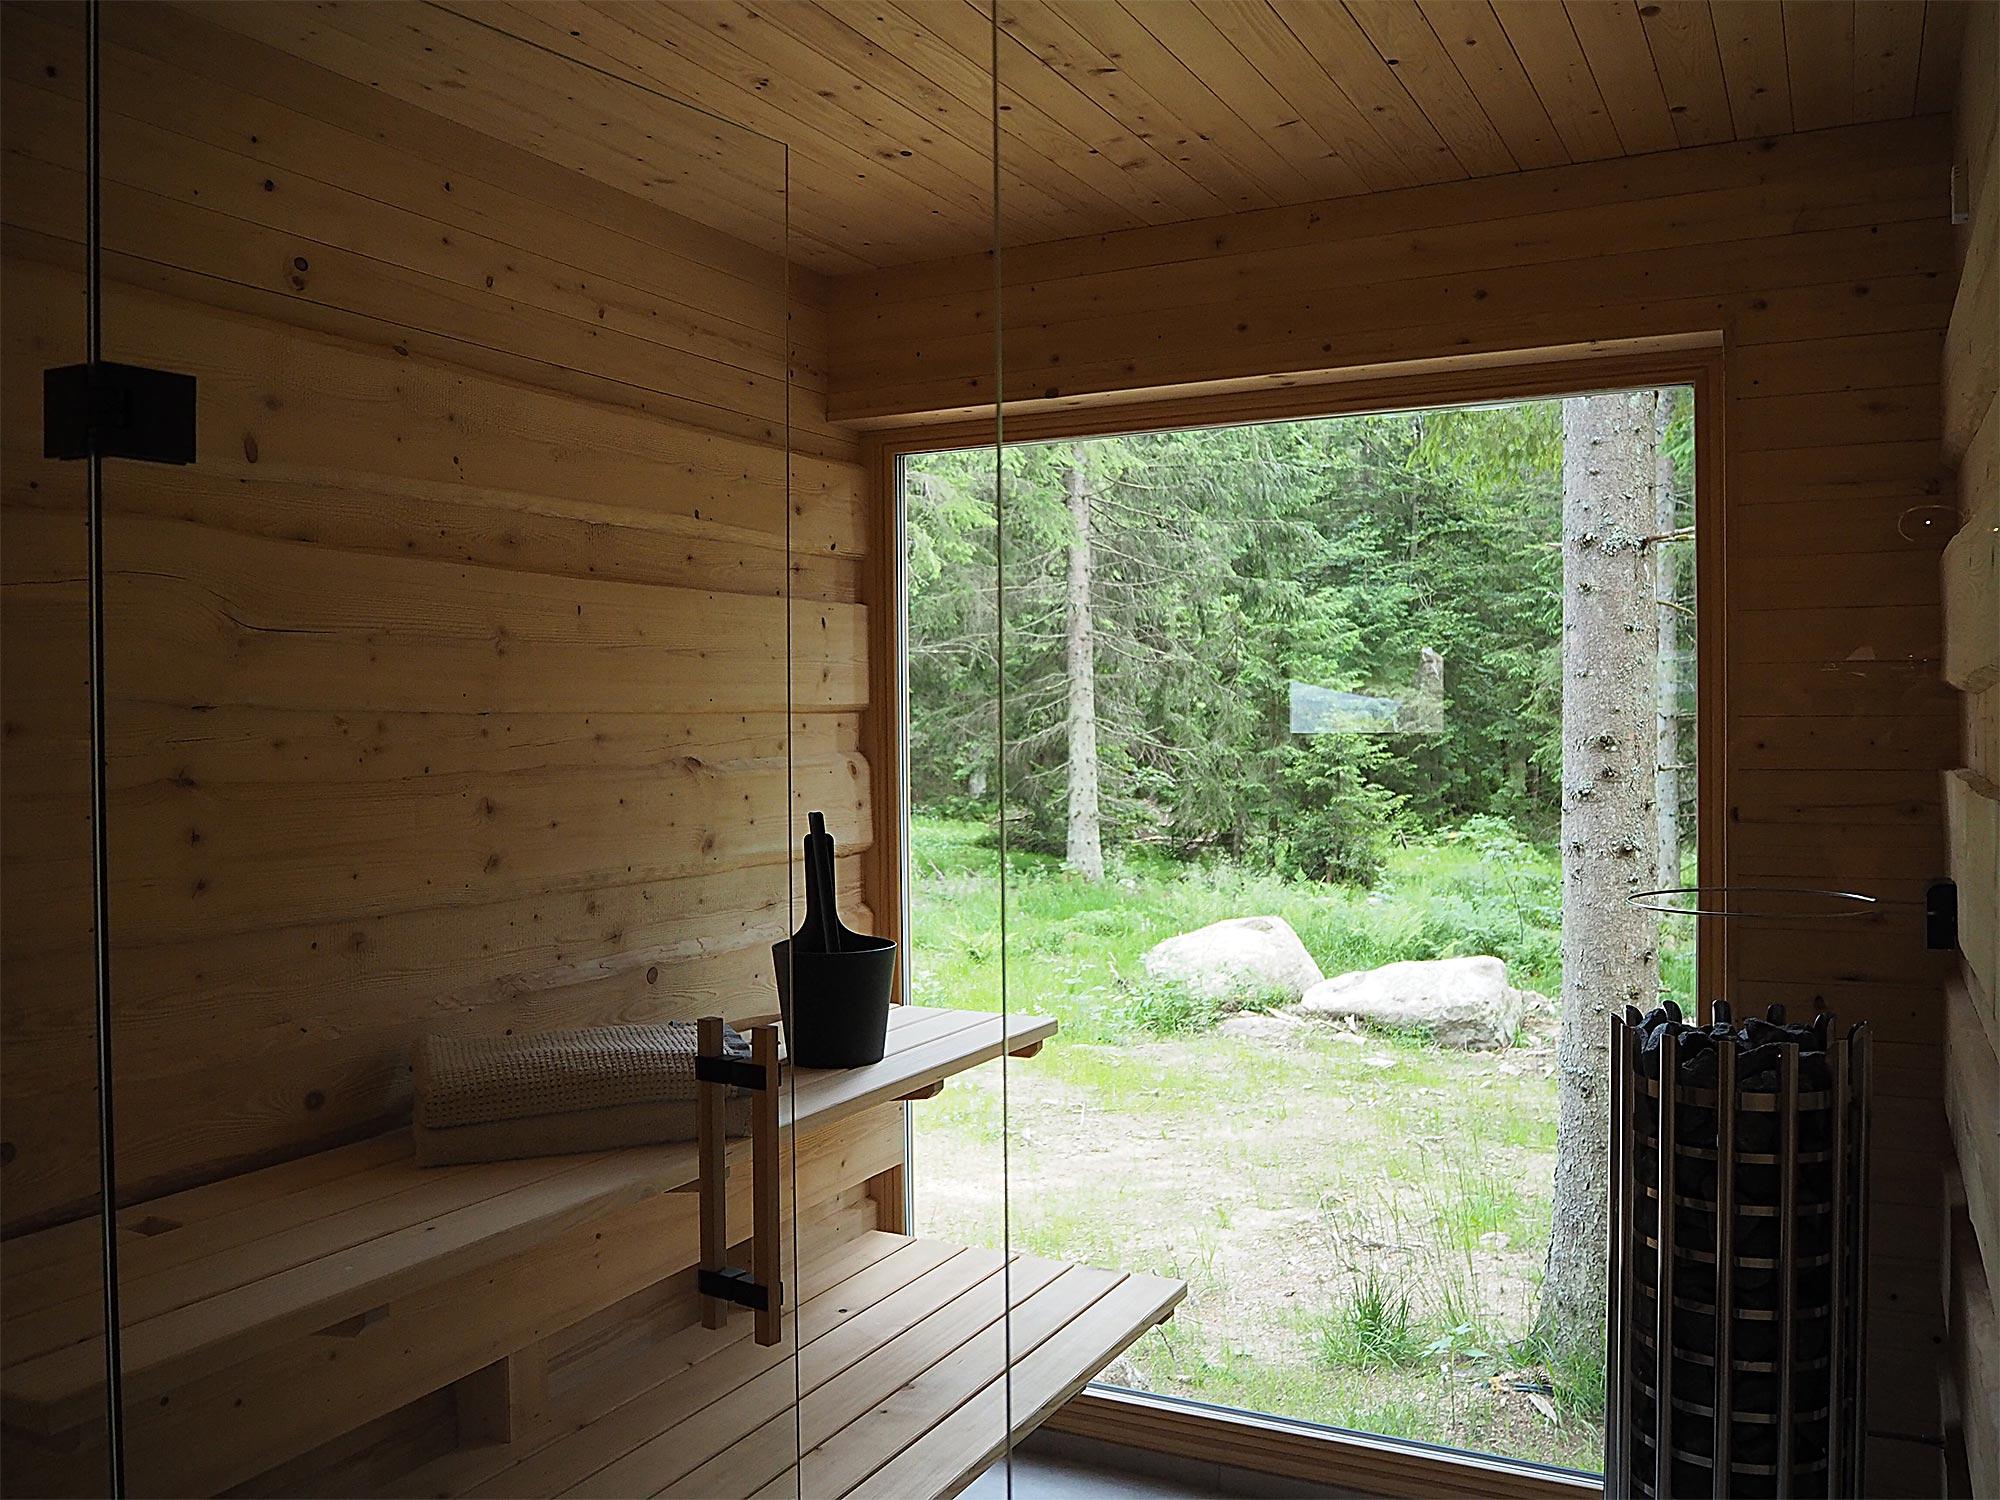 In der privaten Sauna mit Panoramablick in den Wald